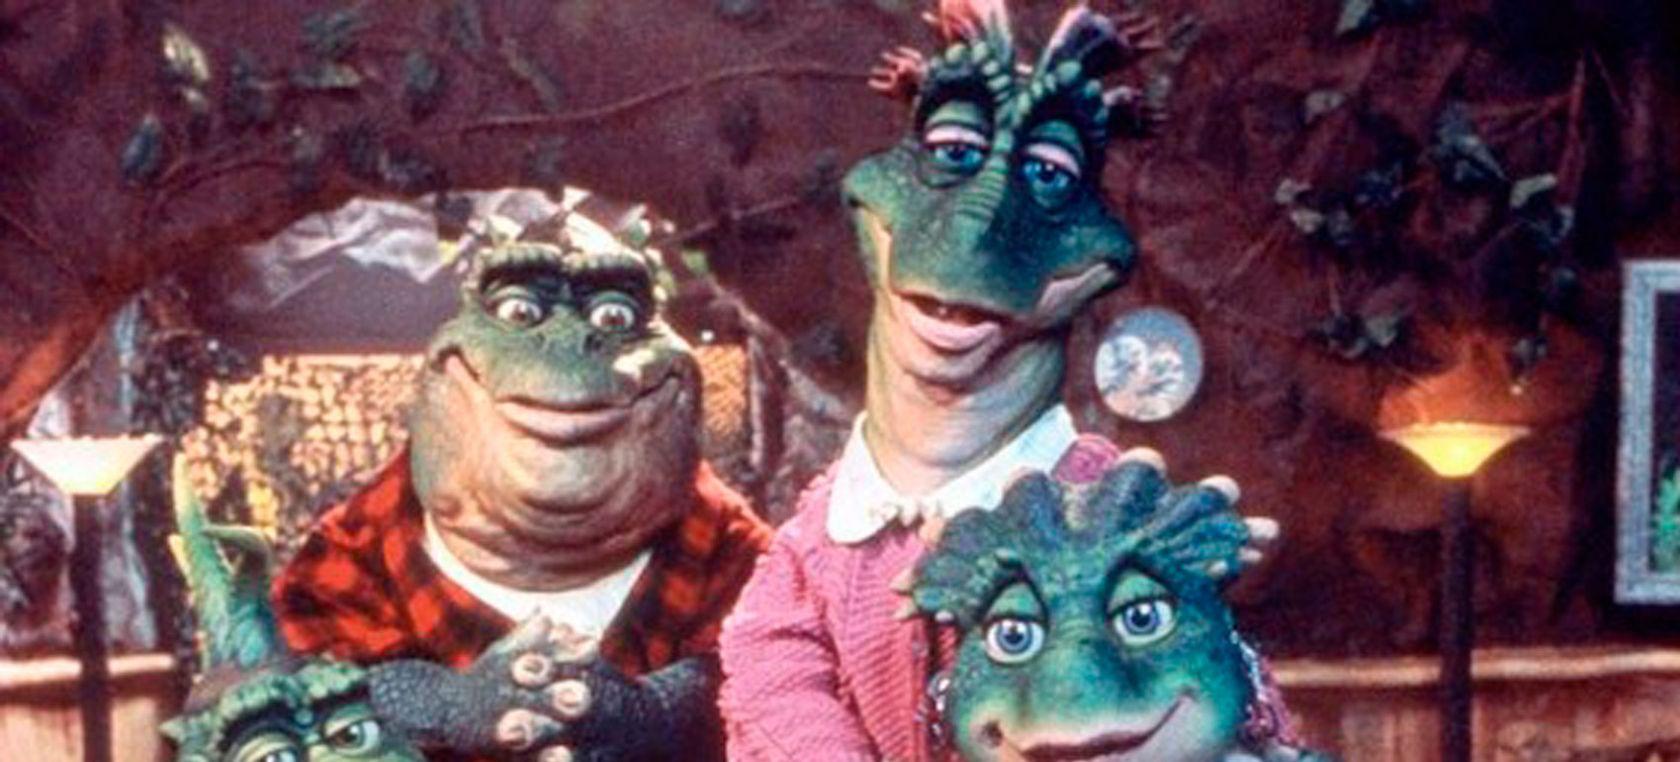 El Nene Consentido Y La Familia Sinclair Regresan A La Pantalla Actualidad Los40 Mexico Los dinosaurios de el nene consentido regresarán a la pantalla. familia sinclair regresan a la pantalla